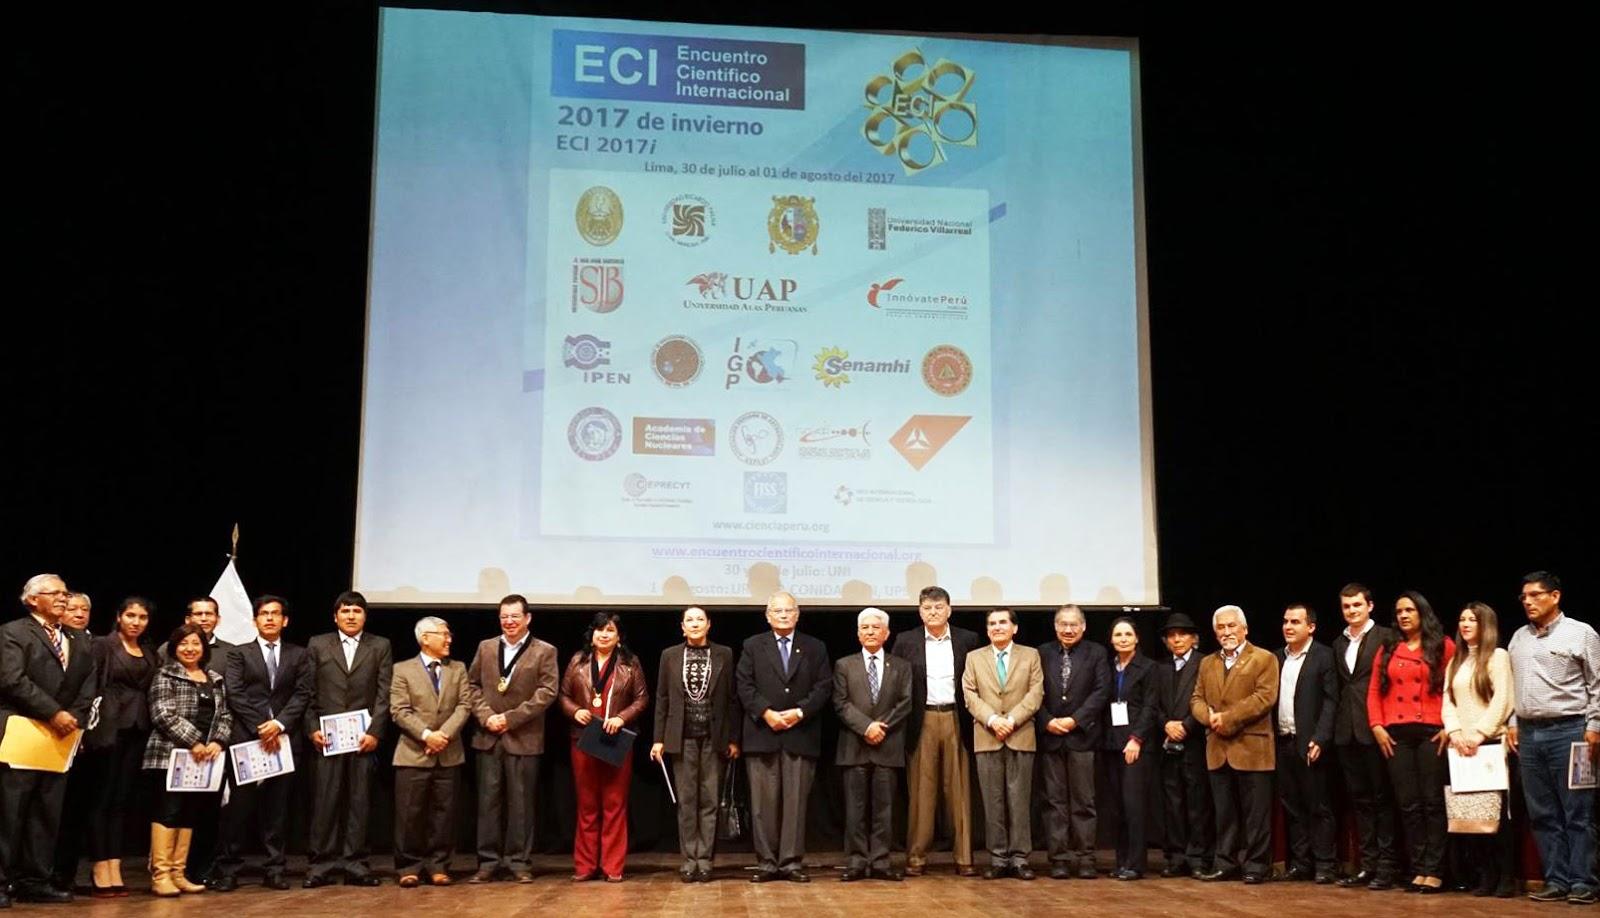 Encuentro Científico Internacional fue inaugurado en la UNI